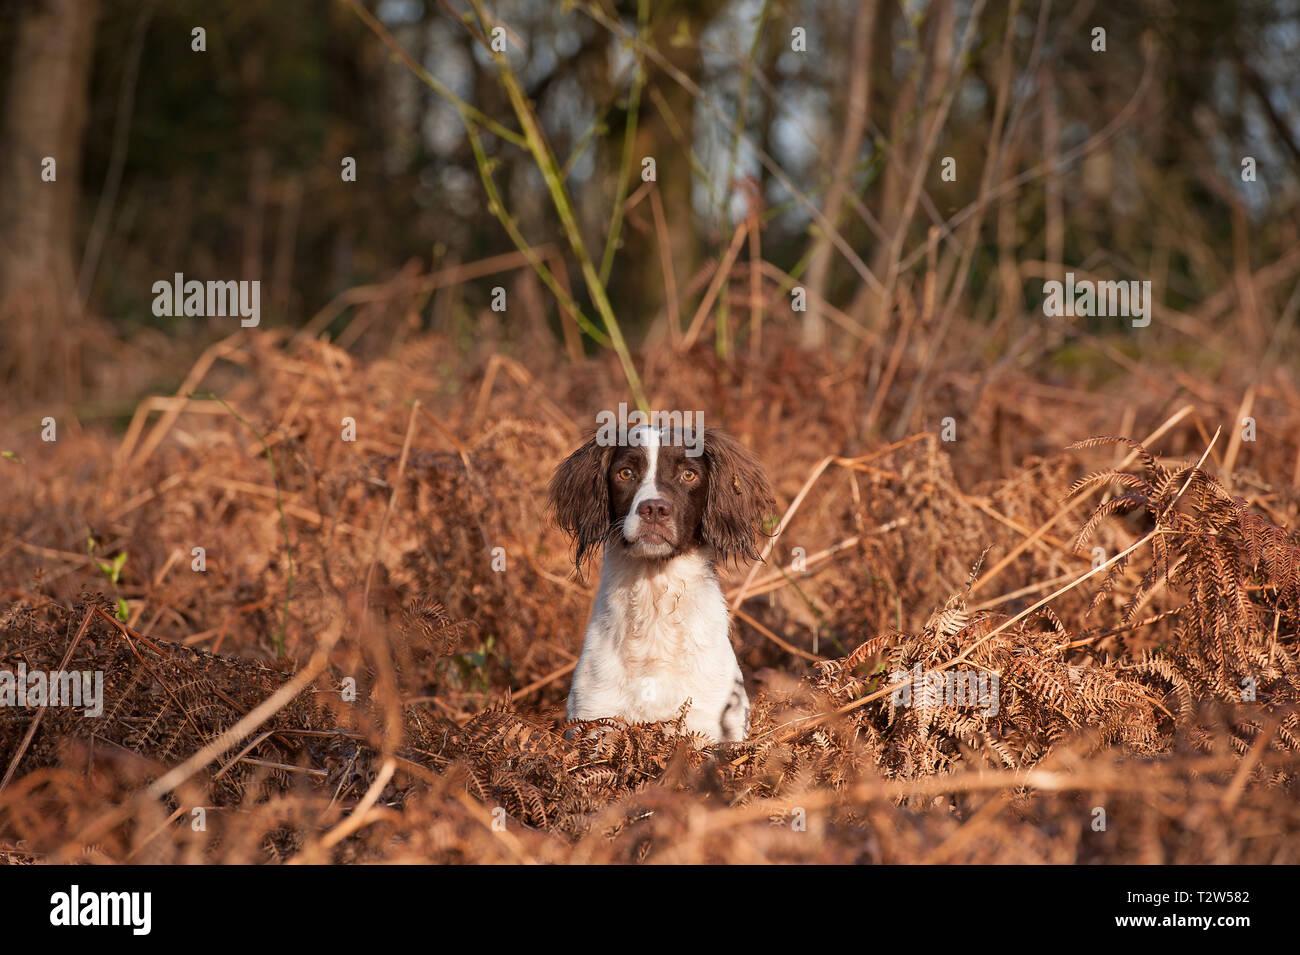 Springer Spaniel - Stock Image